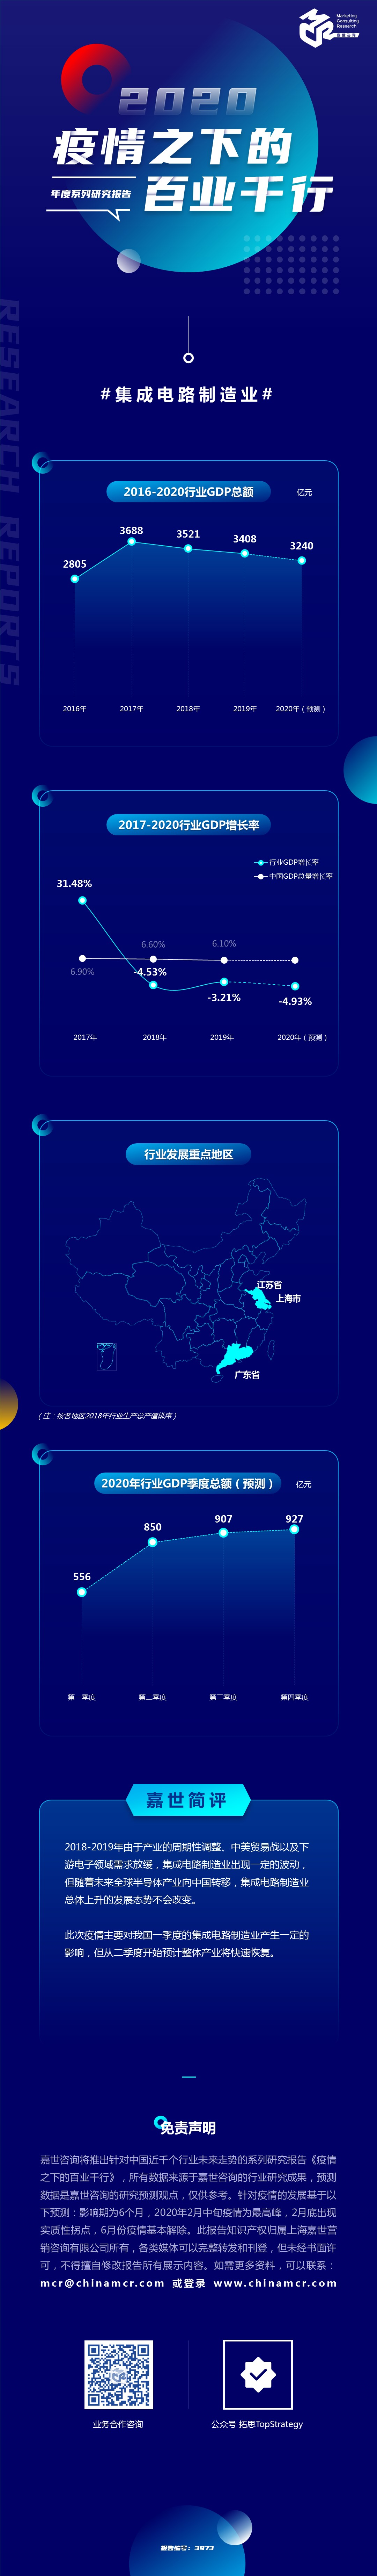 3973-集成电路制造业.jpg